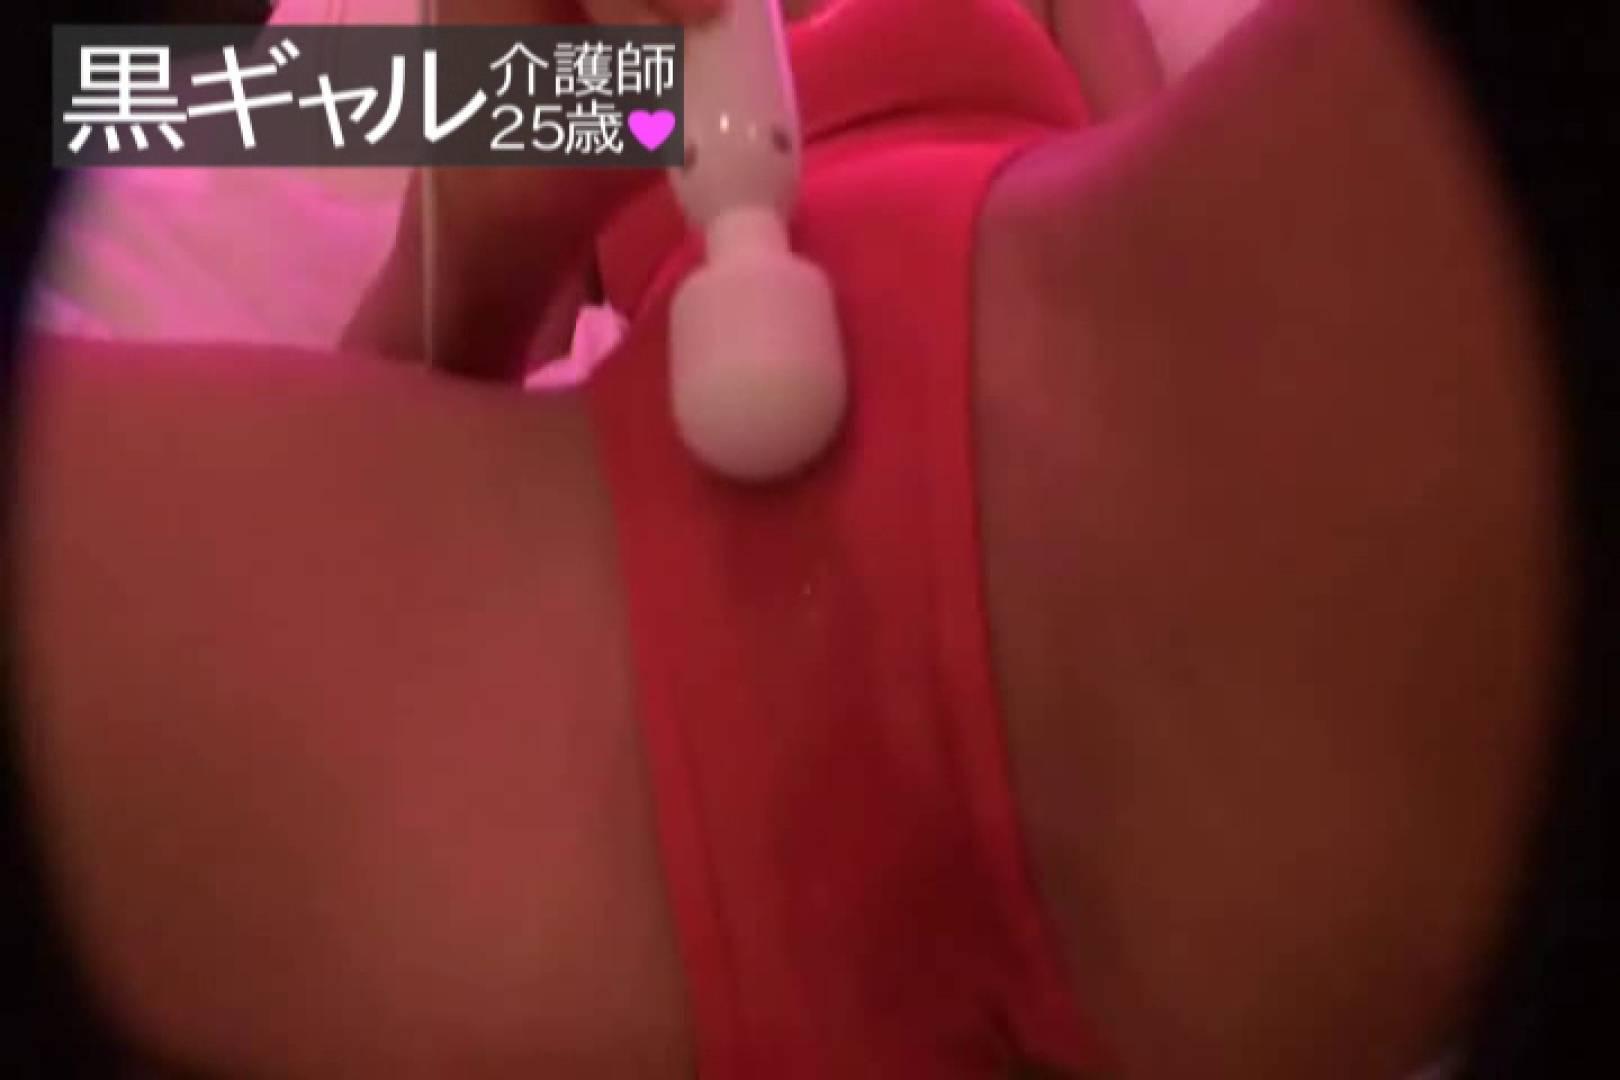 独占入手 従順M黒ギャル介護師25歳vol.7 0   OL  20画像 7